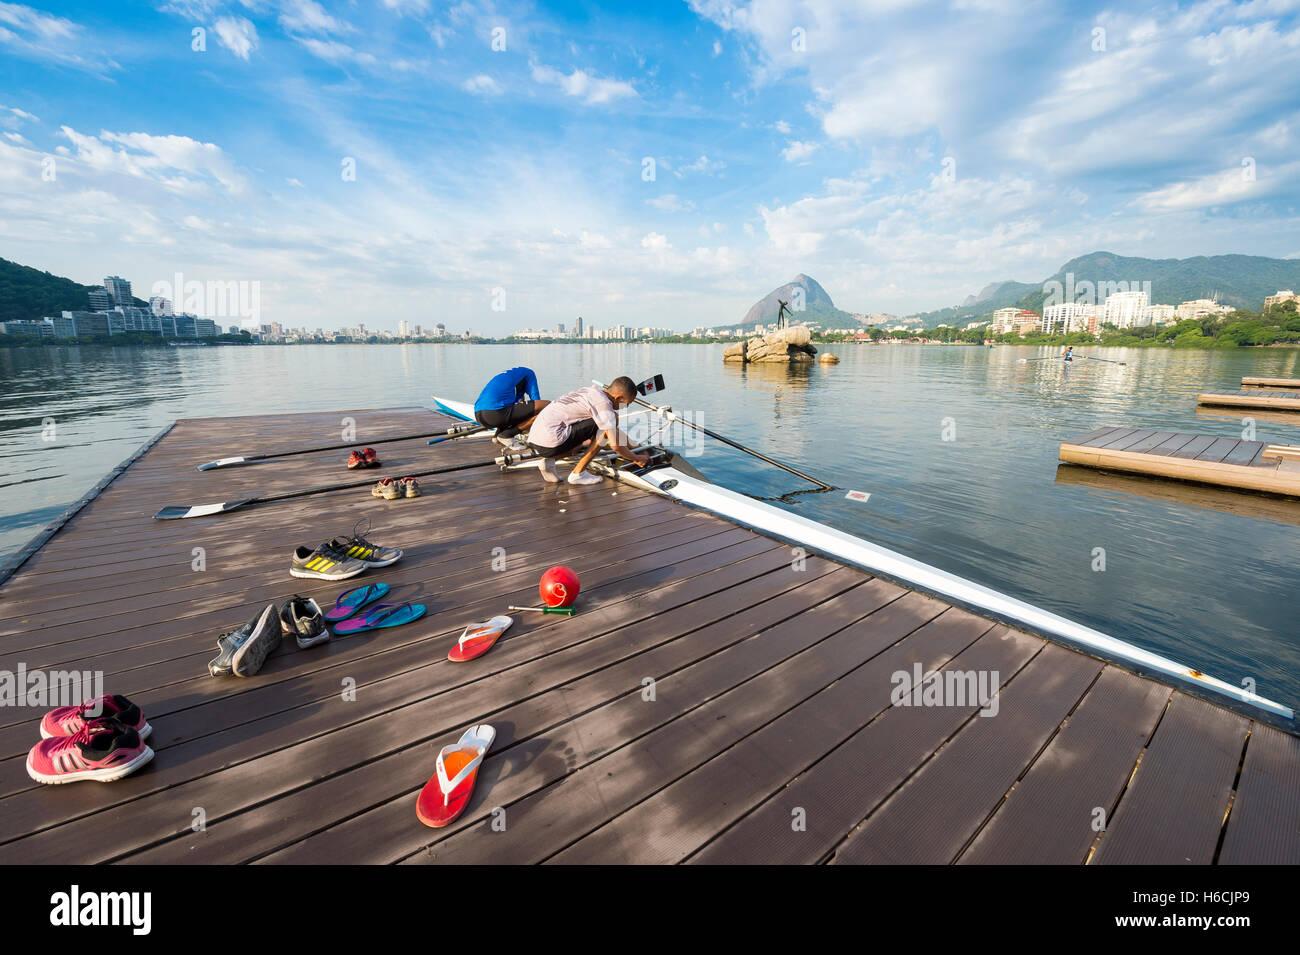 RIO DE JANEIRO - MARZO 14, 2016: Calzature si trova in primo piano come un brasiliano rower prepara la sua barca Immagini Stock